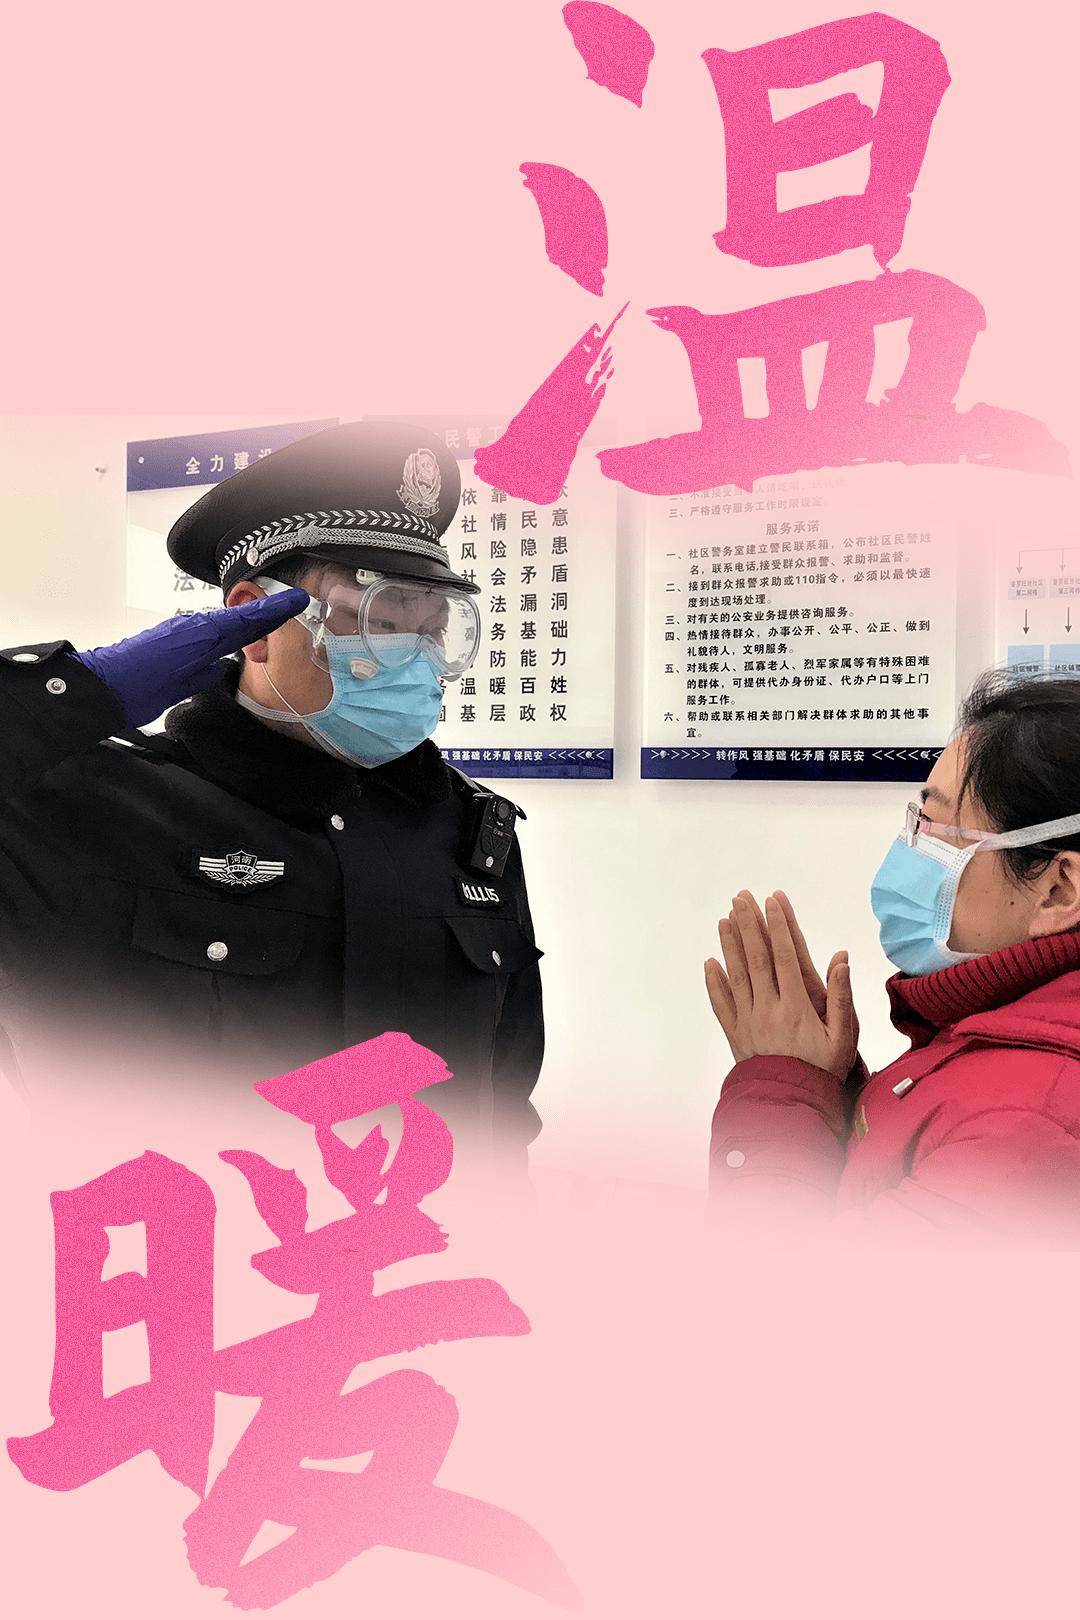 Date with 郑州|喂,110吗?节日快乐!